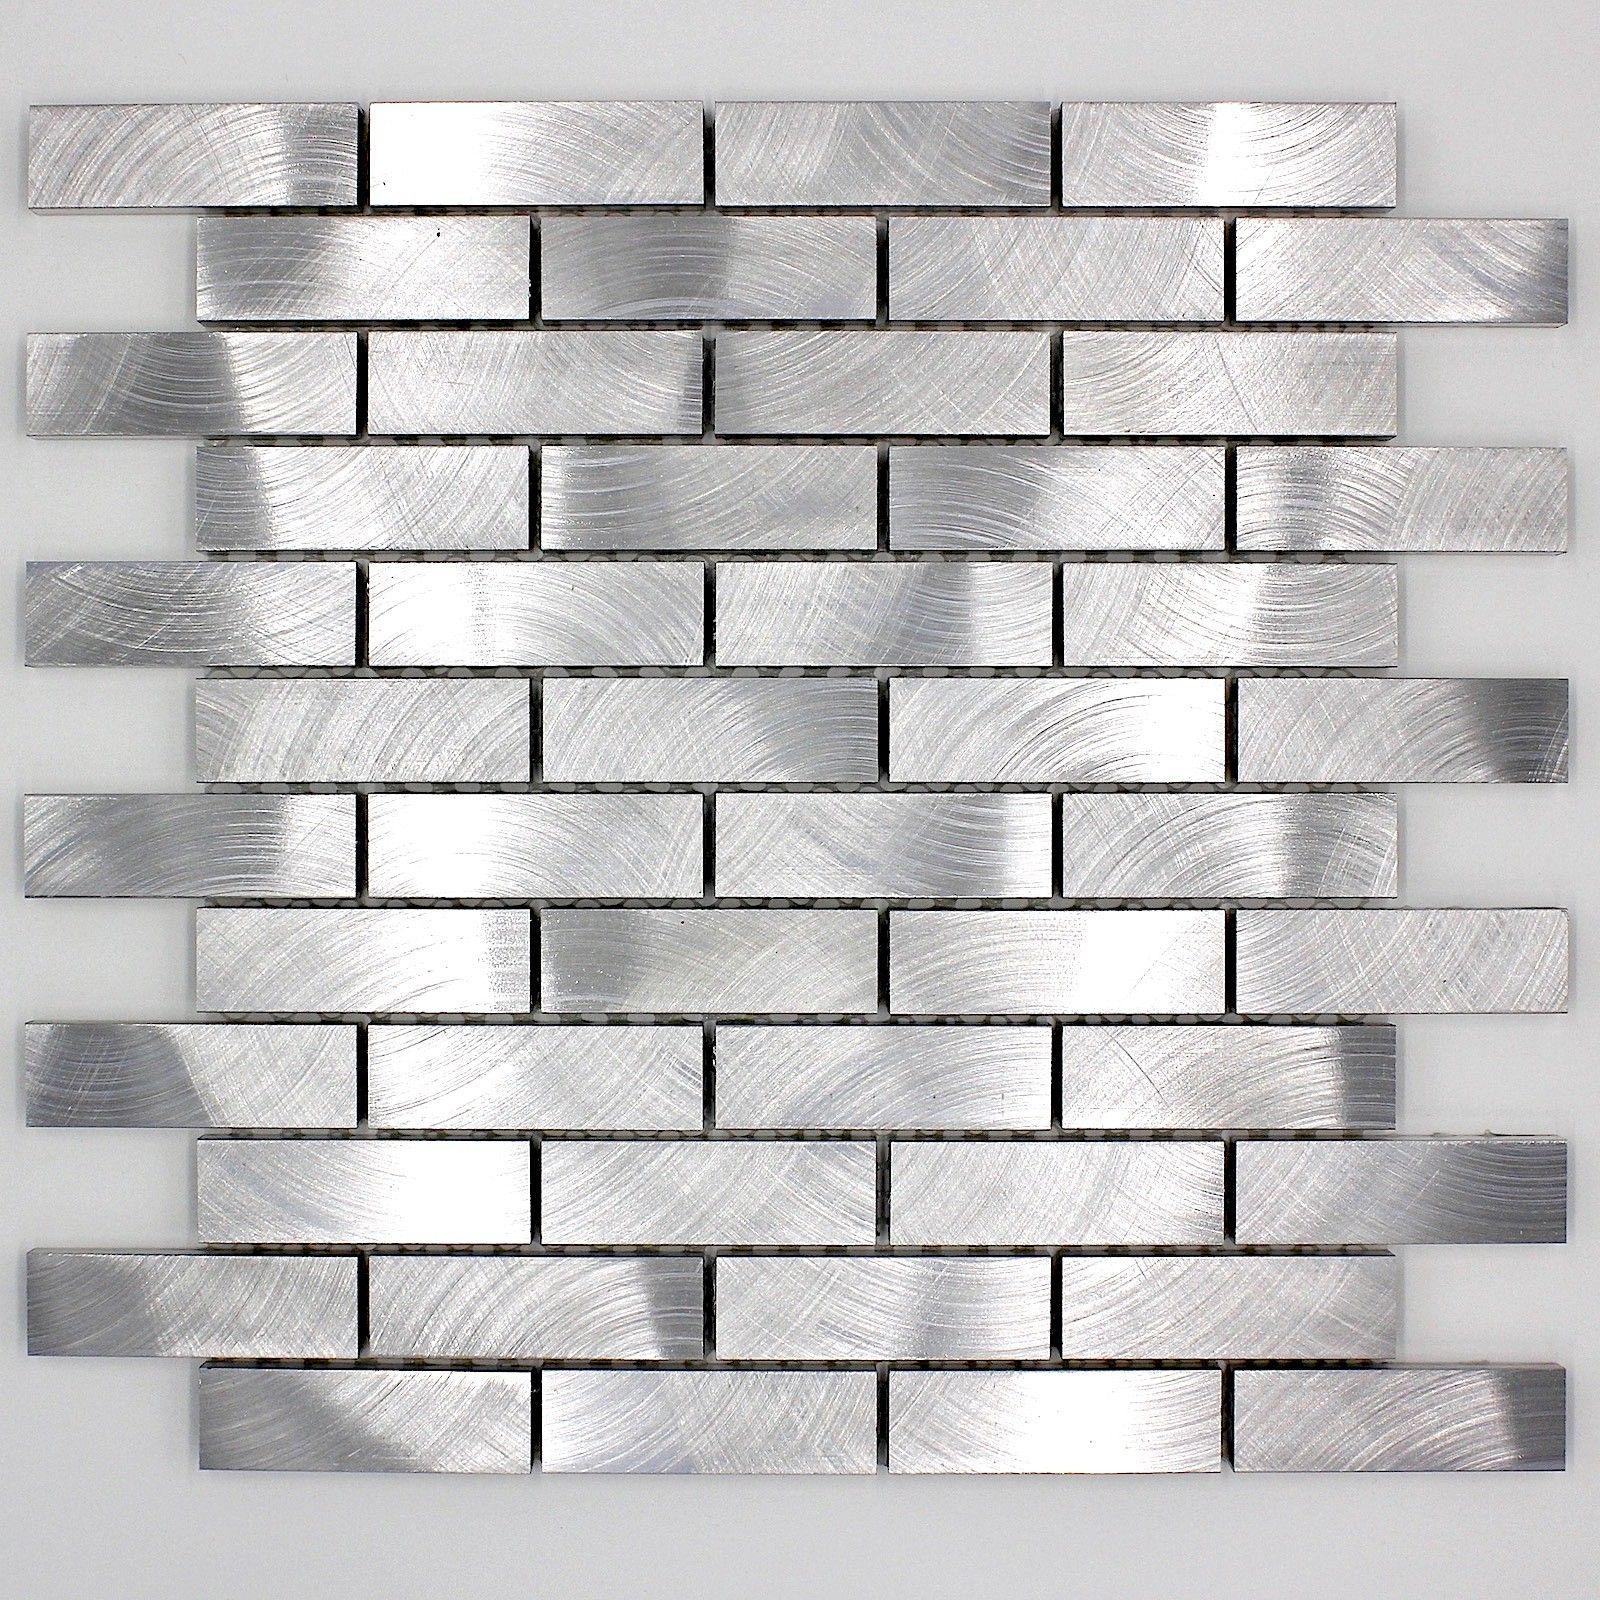 Carrelage Mosaique Murale Aluminium Mabri Longueur - Carrelage épaisseur 6 mm